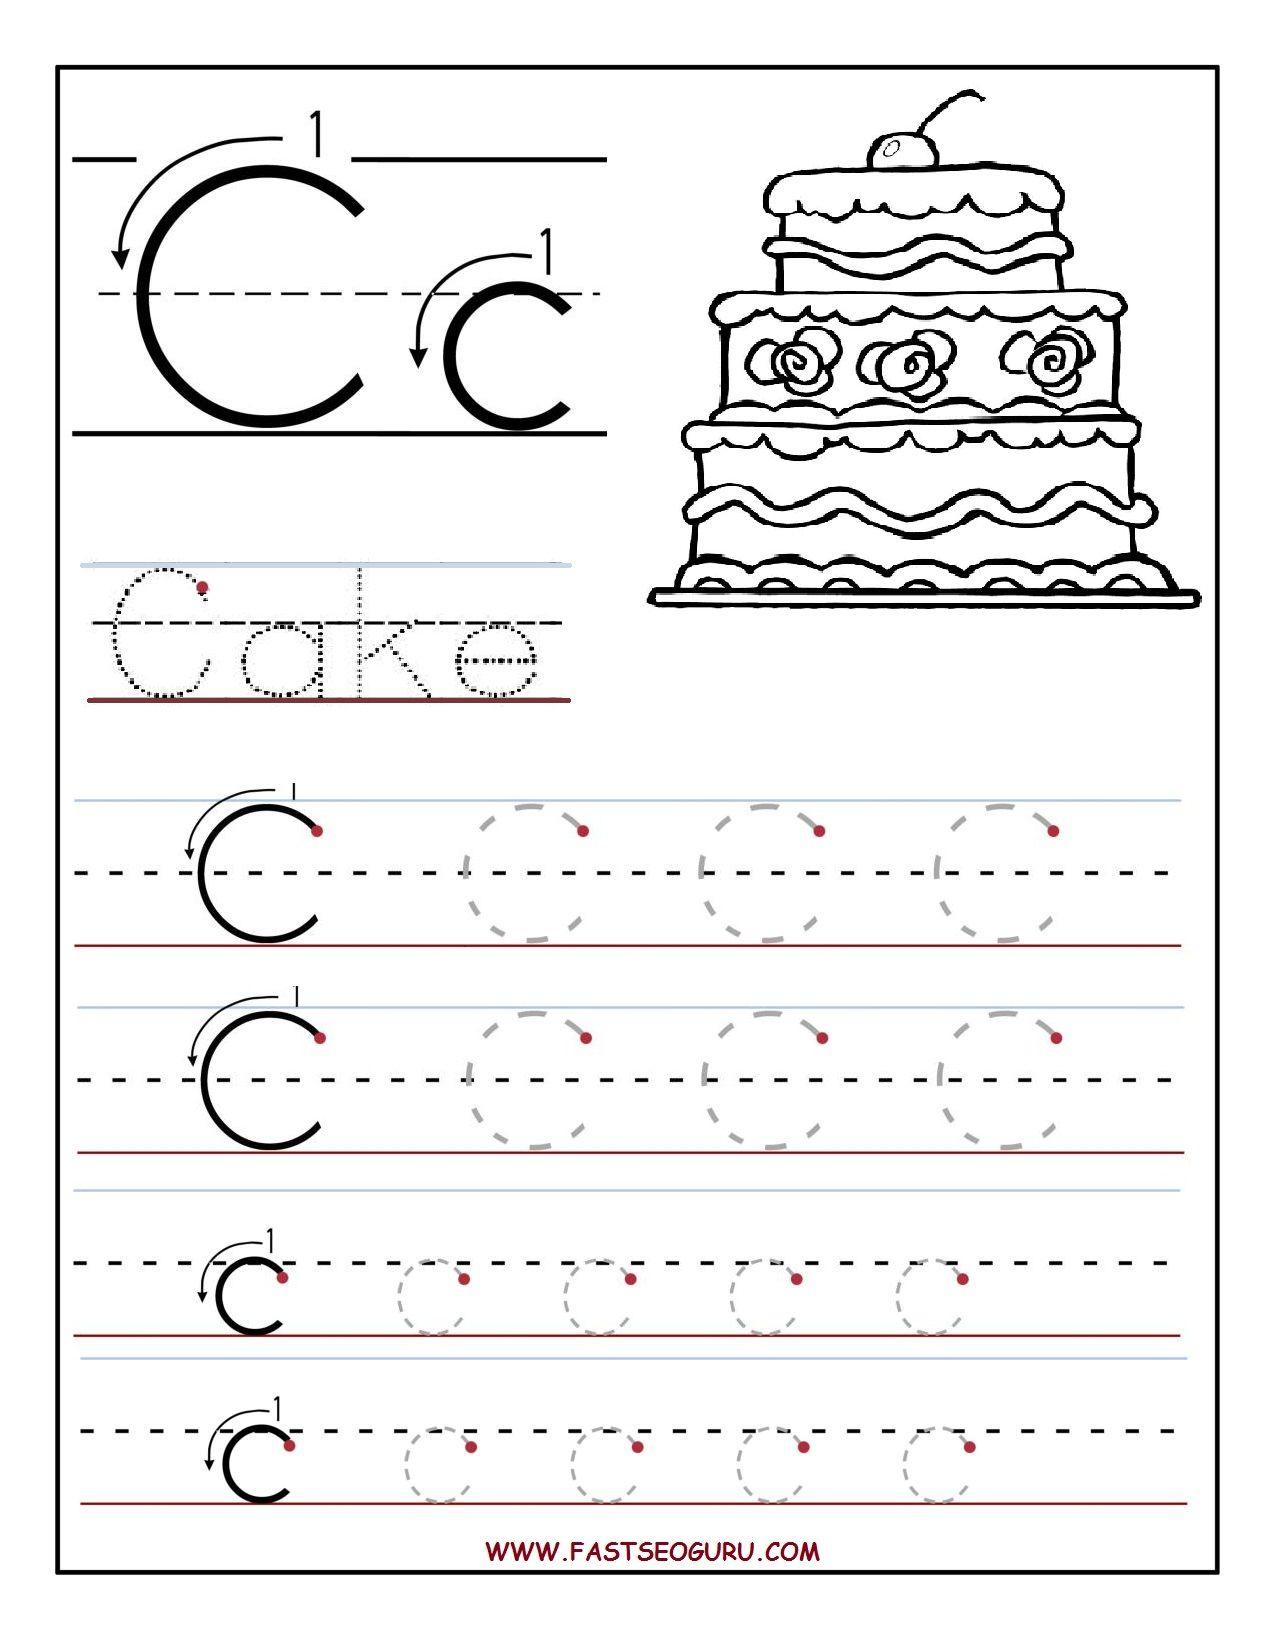 C Letter Tracing Worksheet